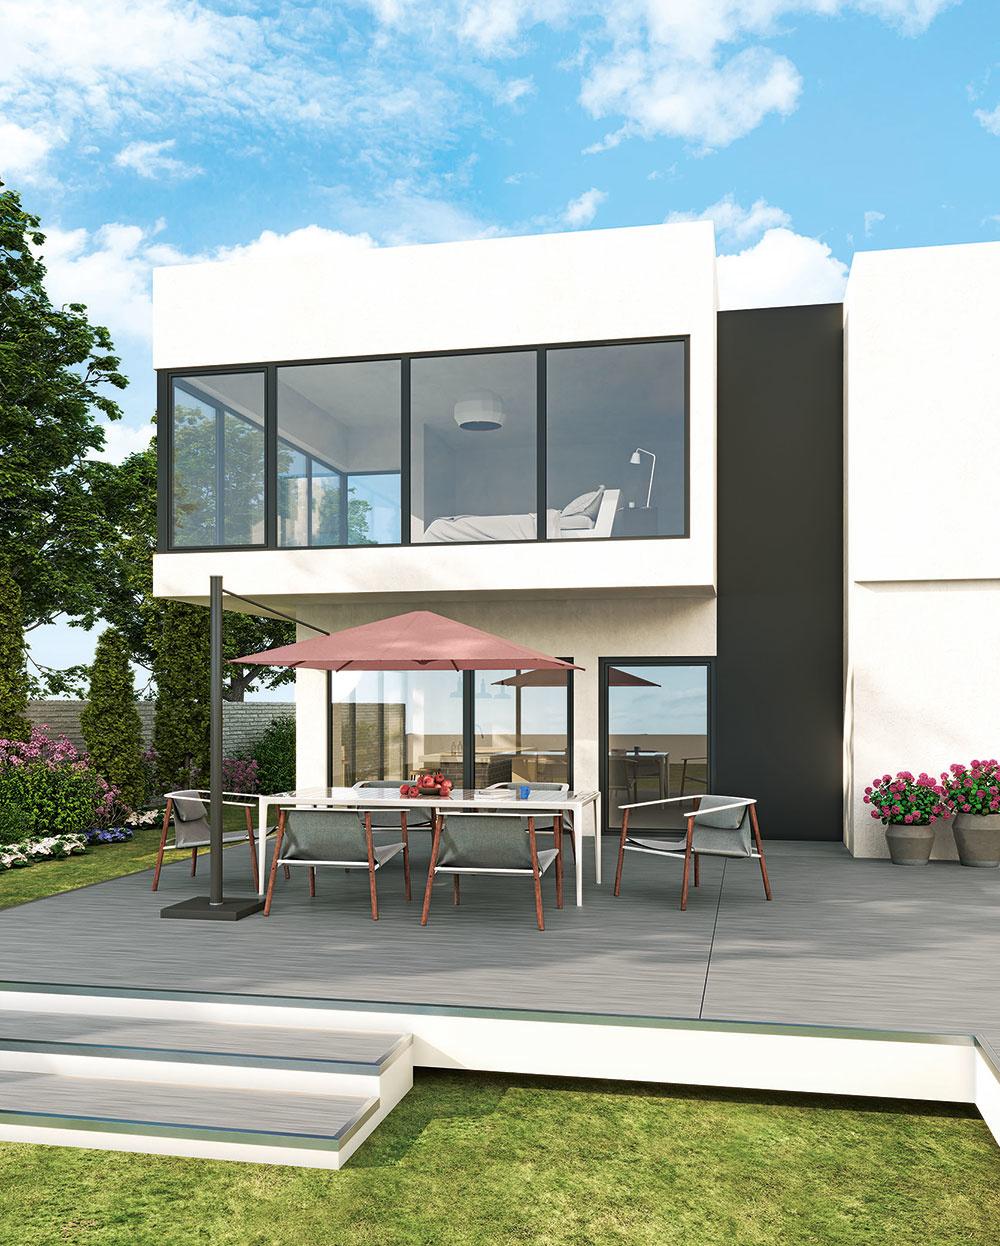 Zakomponovaním okenného profilu Elegante do stavby možno znížiť výdavky za vykurovanie, ale aj dosah na životné prostredie